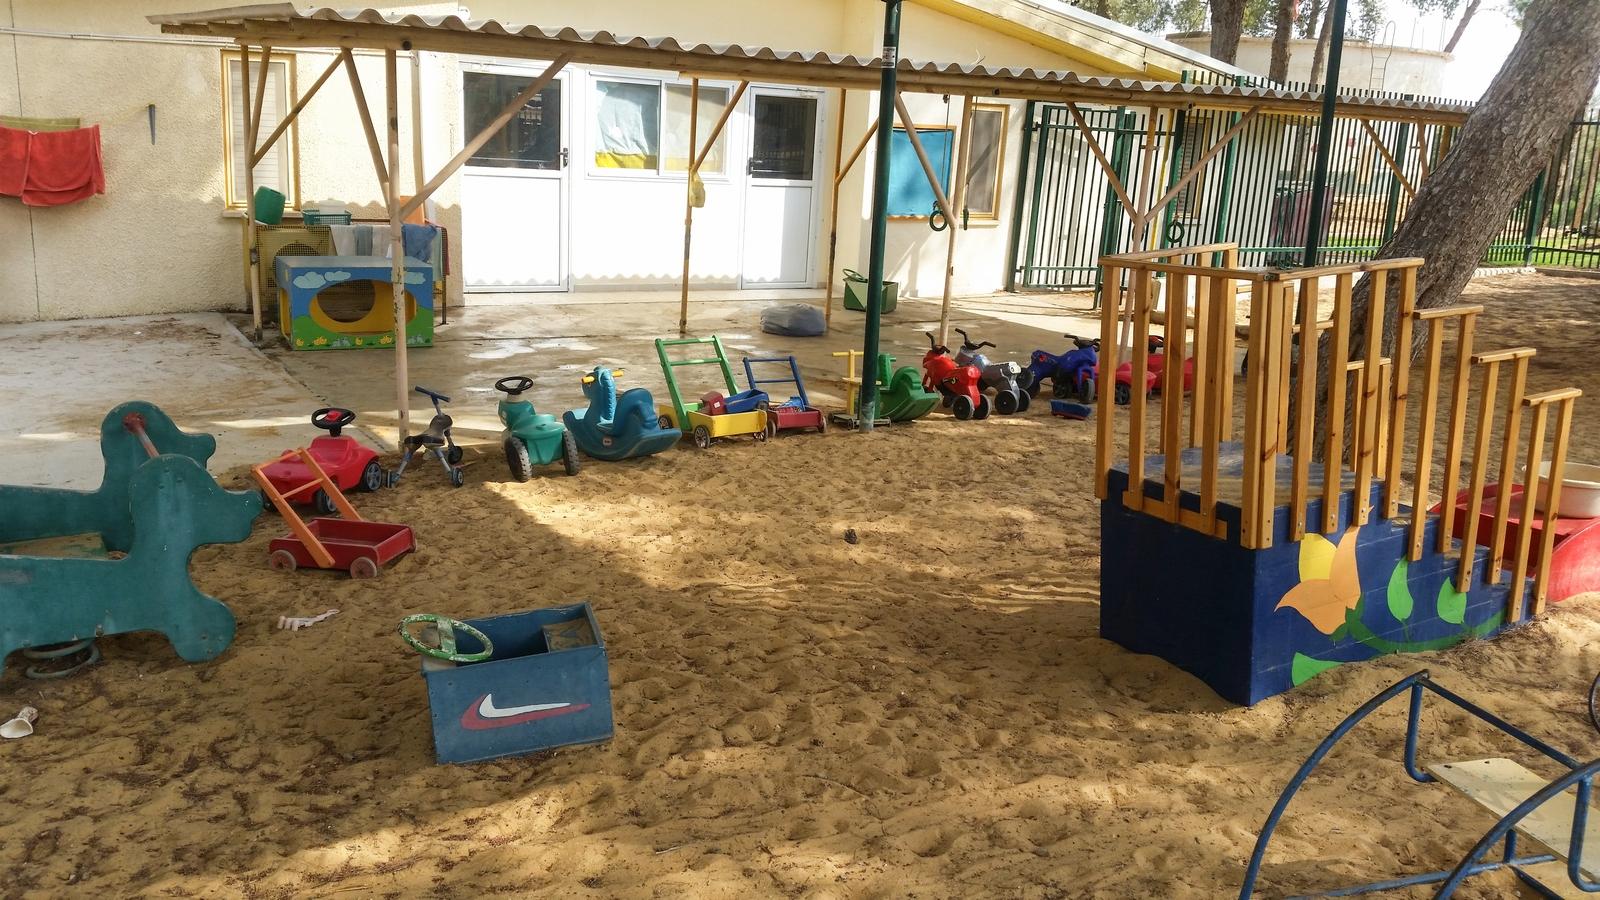 Вторая площадка детского садика для детей от года до двух в кибуце Ревивим